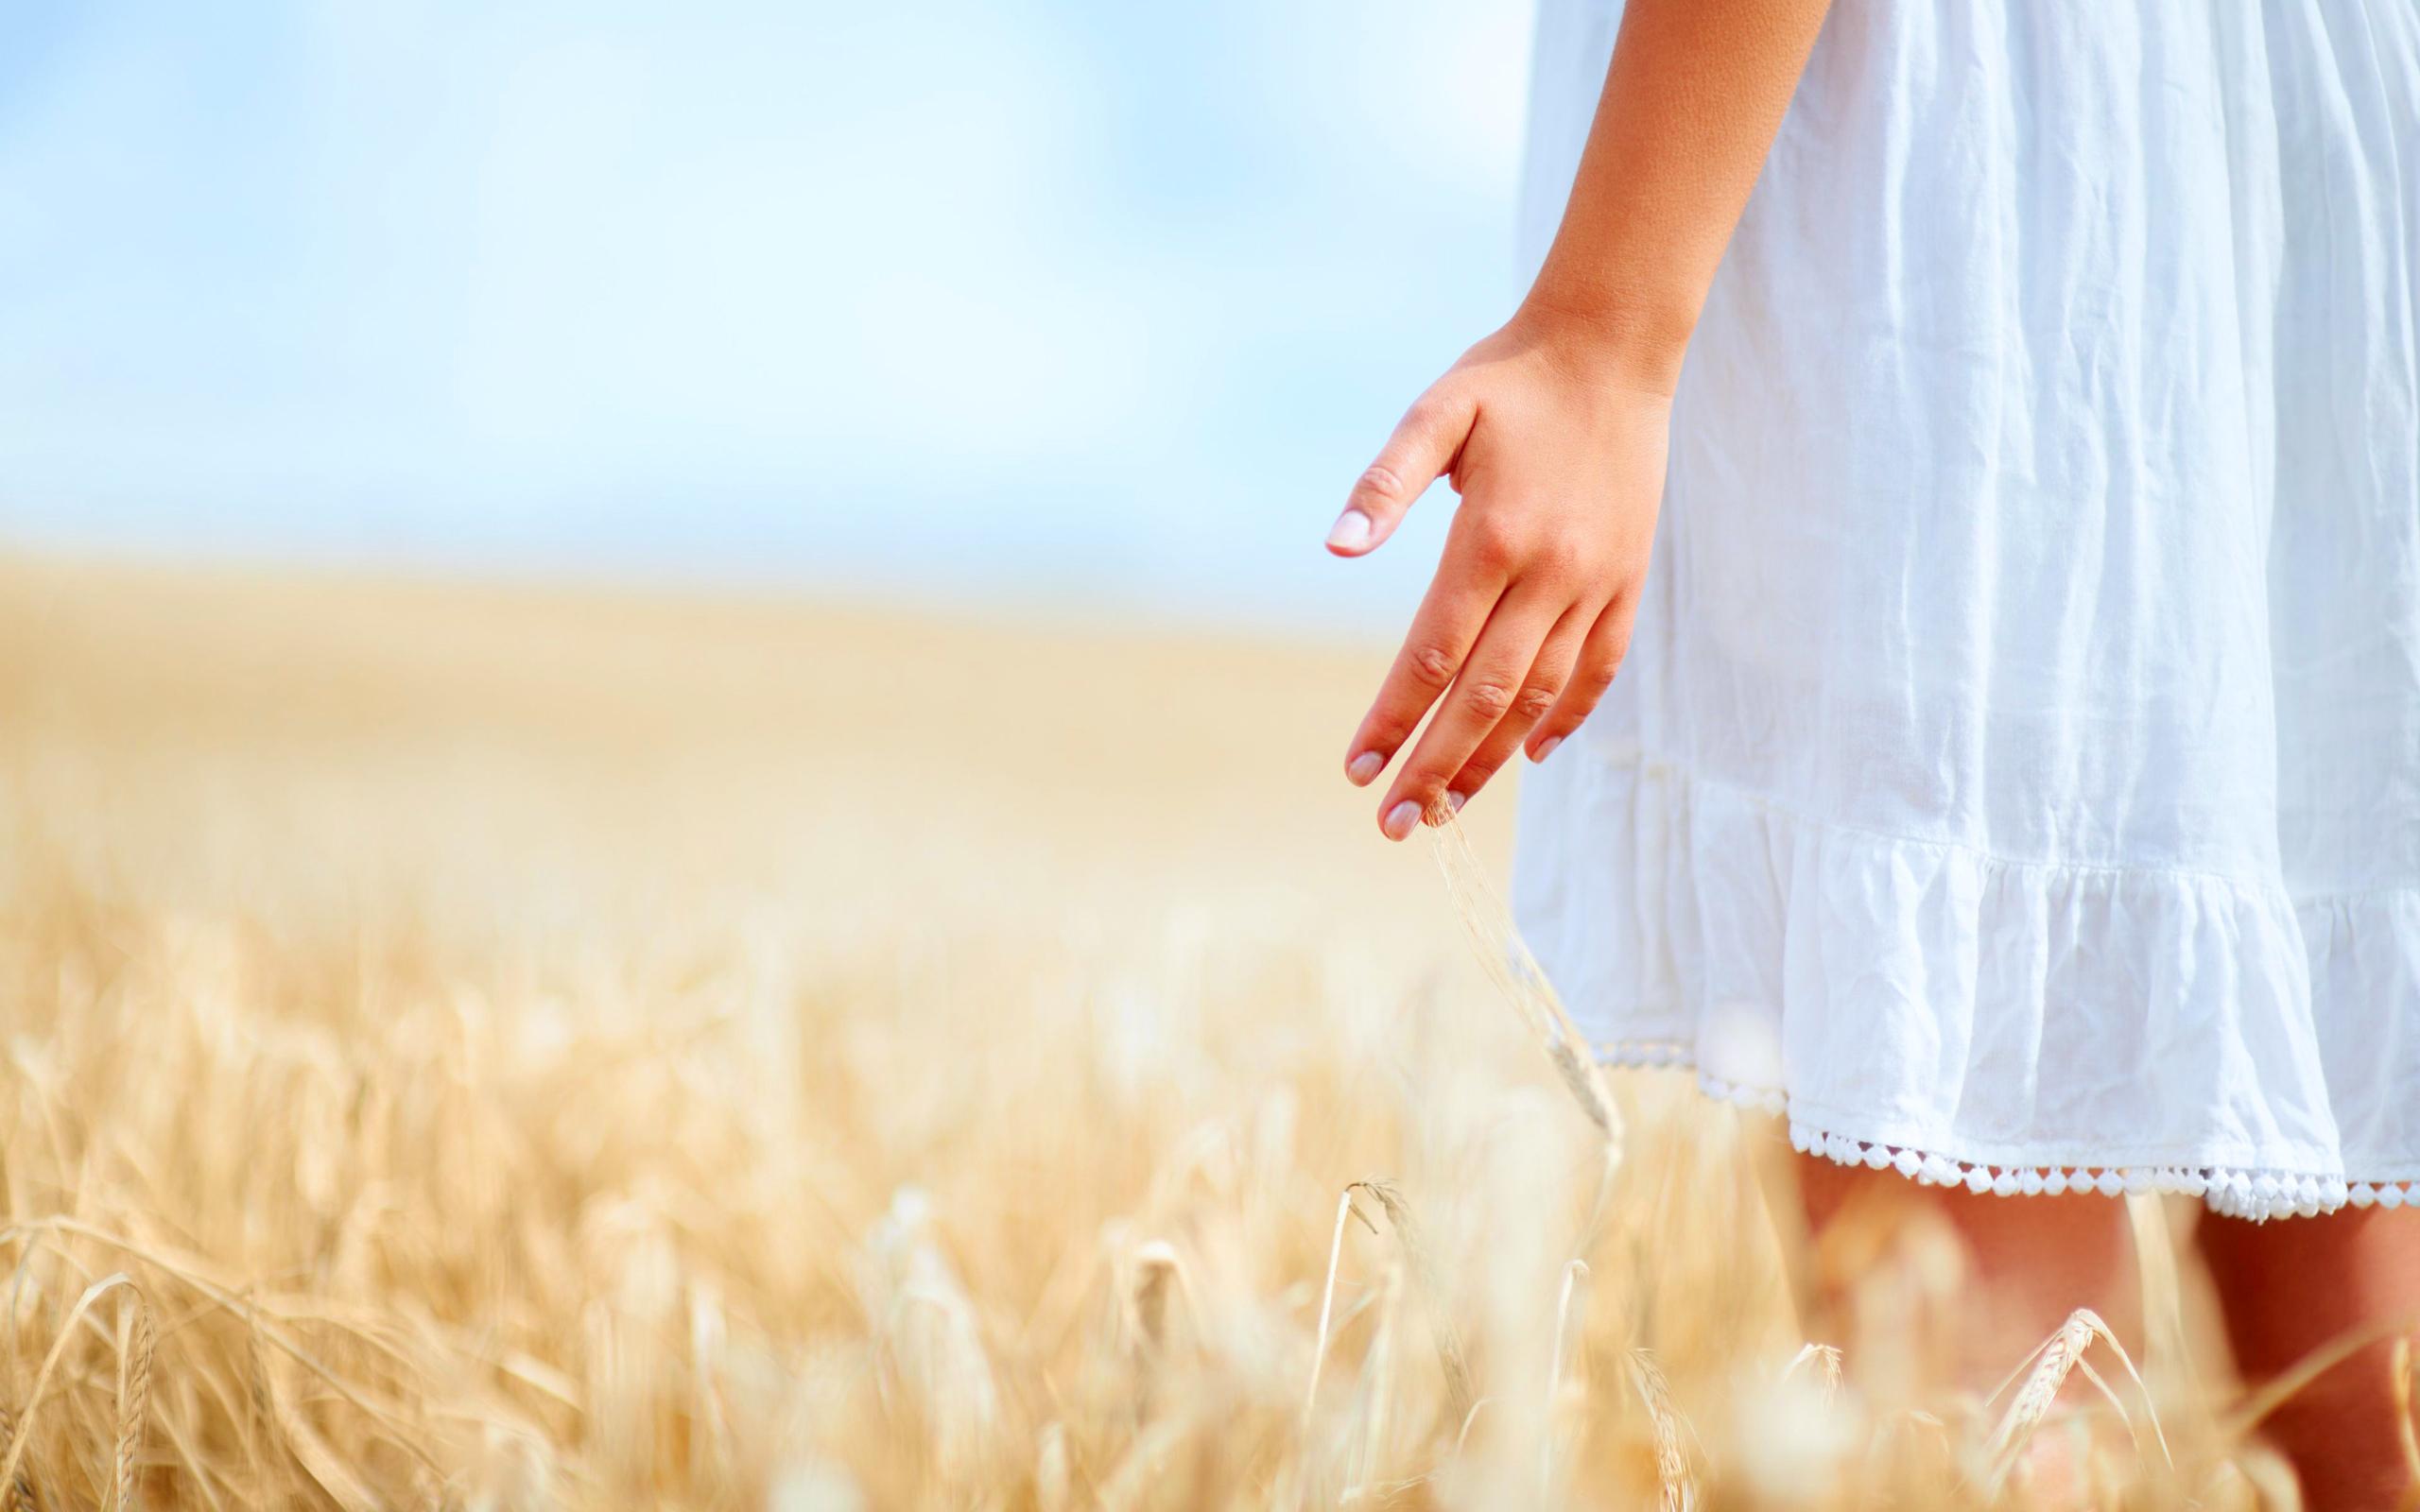 Девушка в поле с колосьями  № 1822104 загрузить